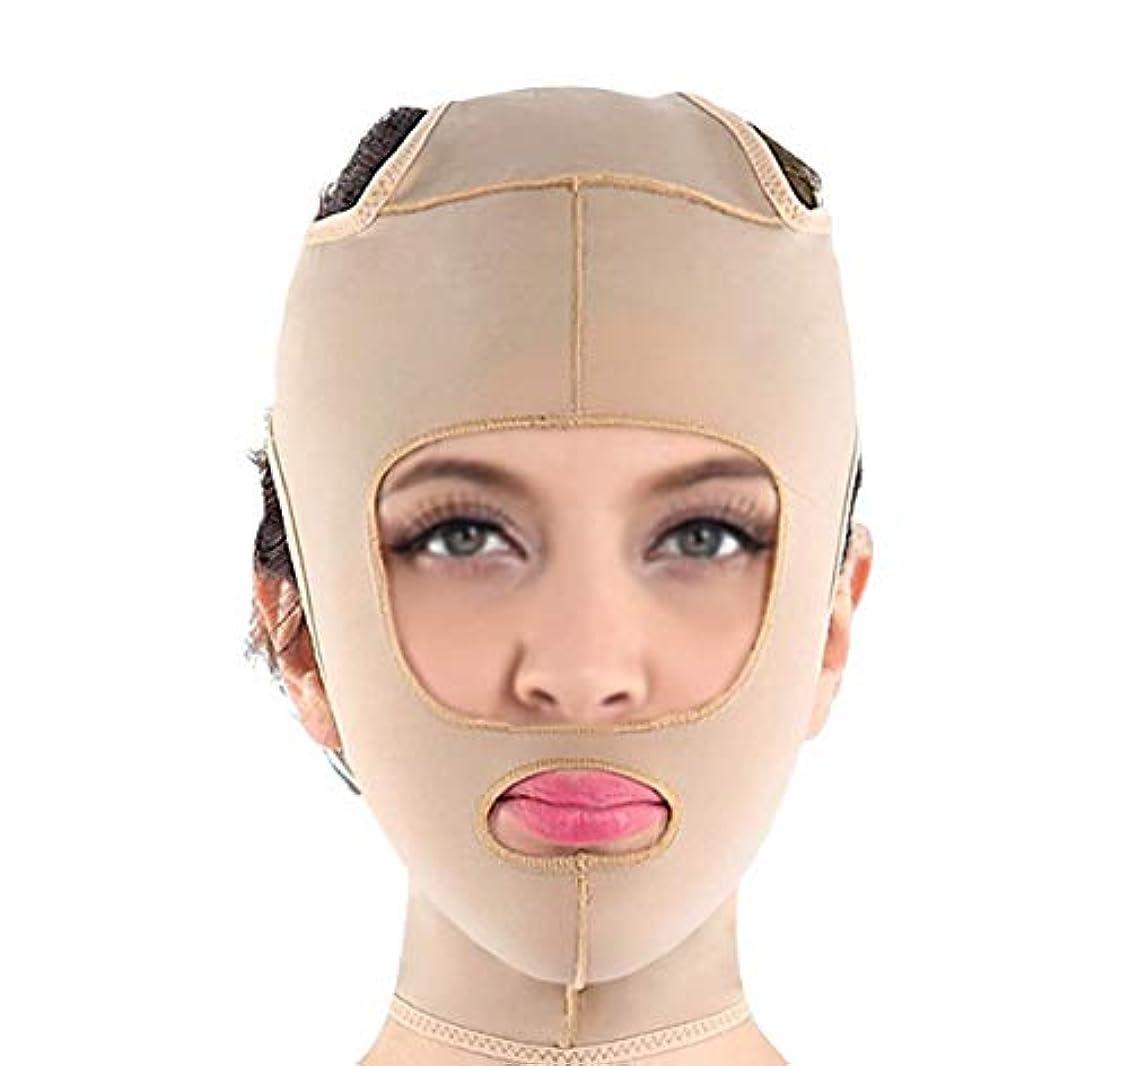 ギャラントリー証言する矩形フェイスリフティングマスクで肌をよりしっかりと保ち、V字型の顔を形作り、超薄型の通気性、調節可能で快適な着用感(サイズ:Xl),Xl